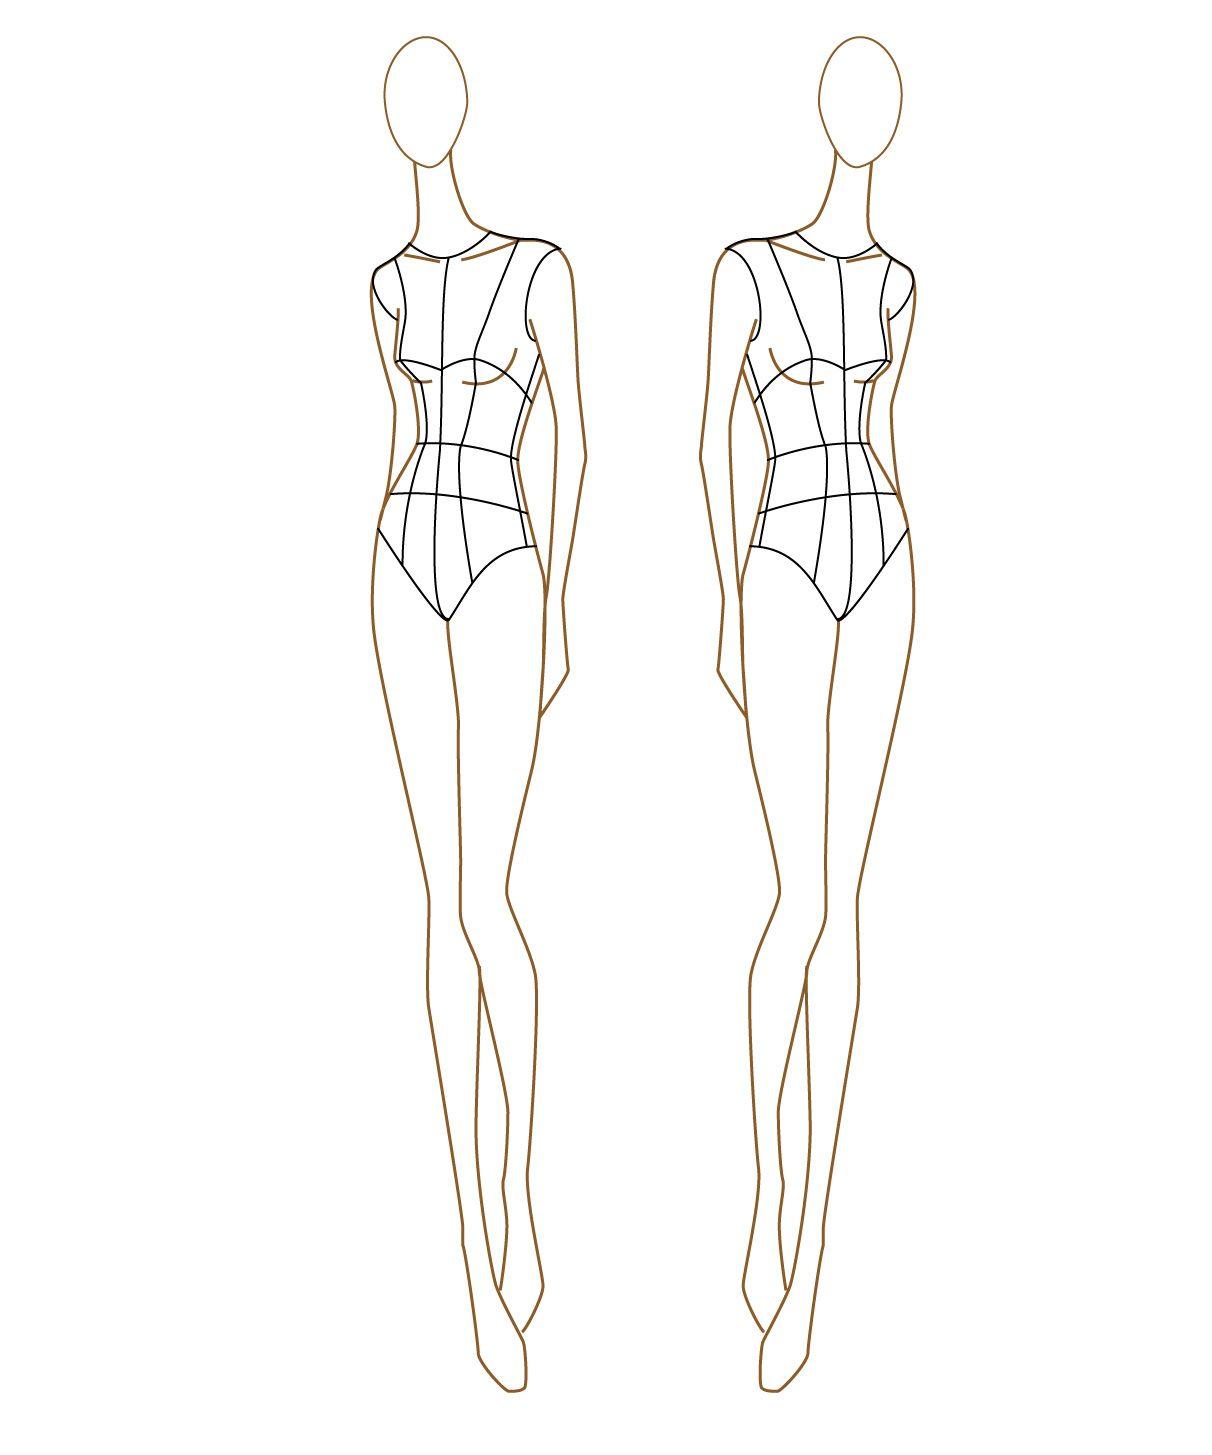 Cómo dibujar la figura femenina con plantillas de dibujo de la ...